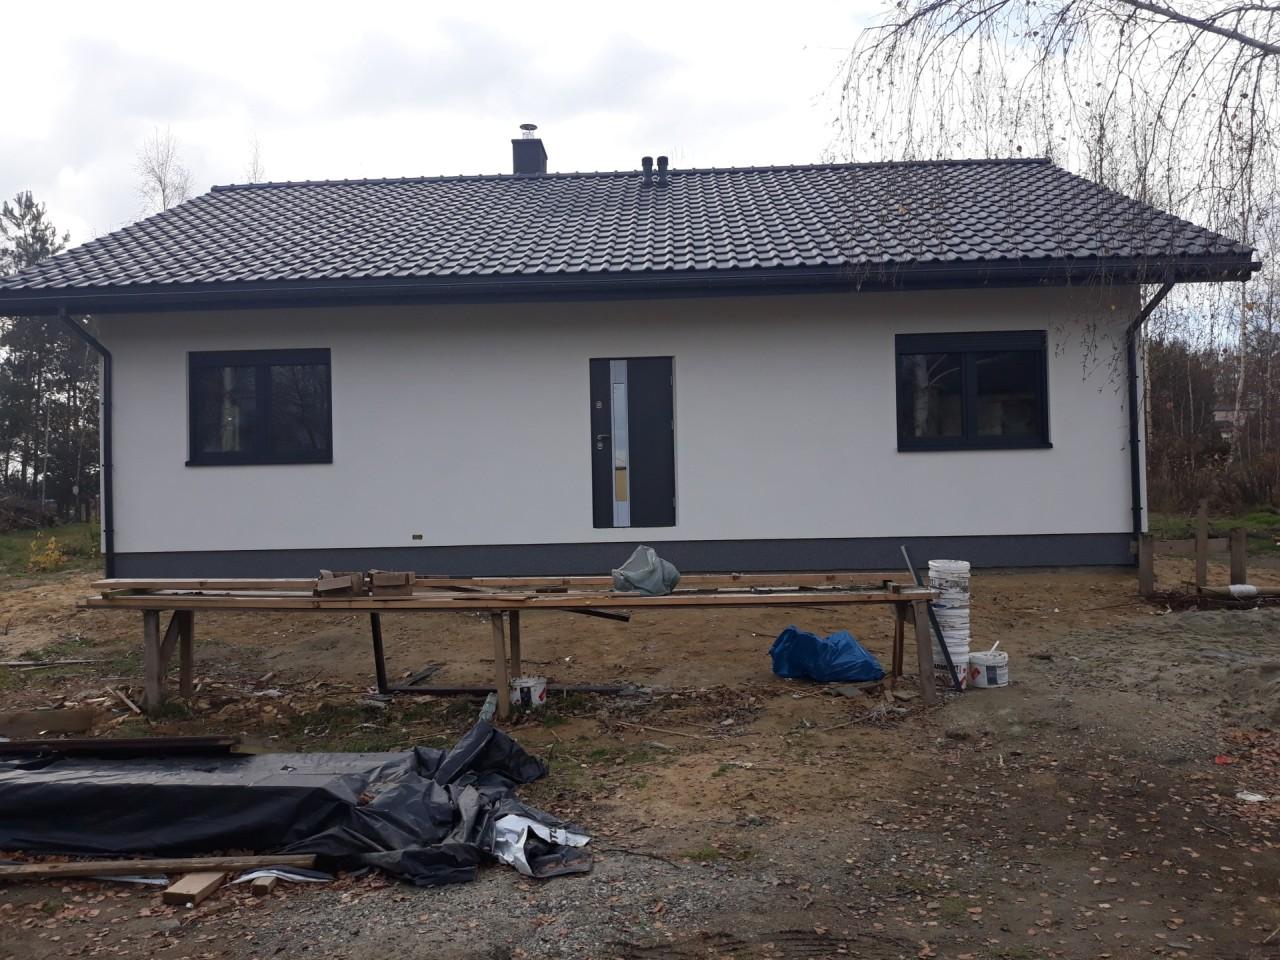 Turza Śląska - mały parterowy dom szkieletowy